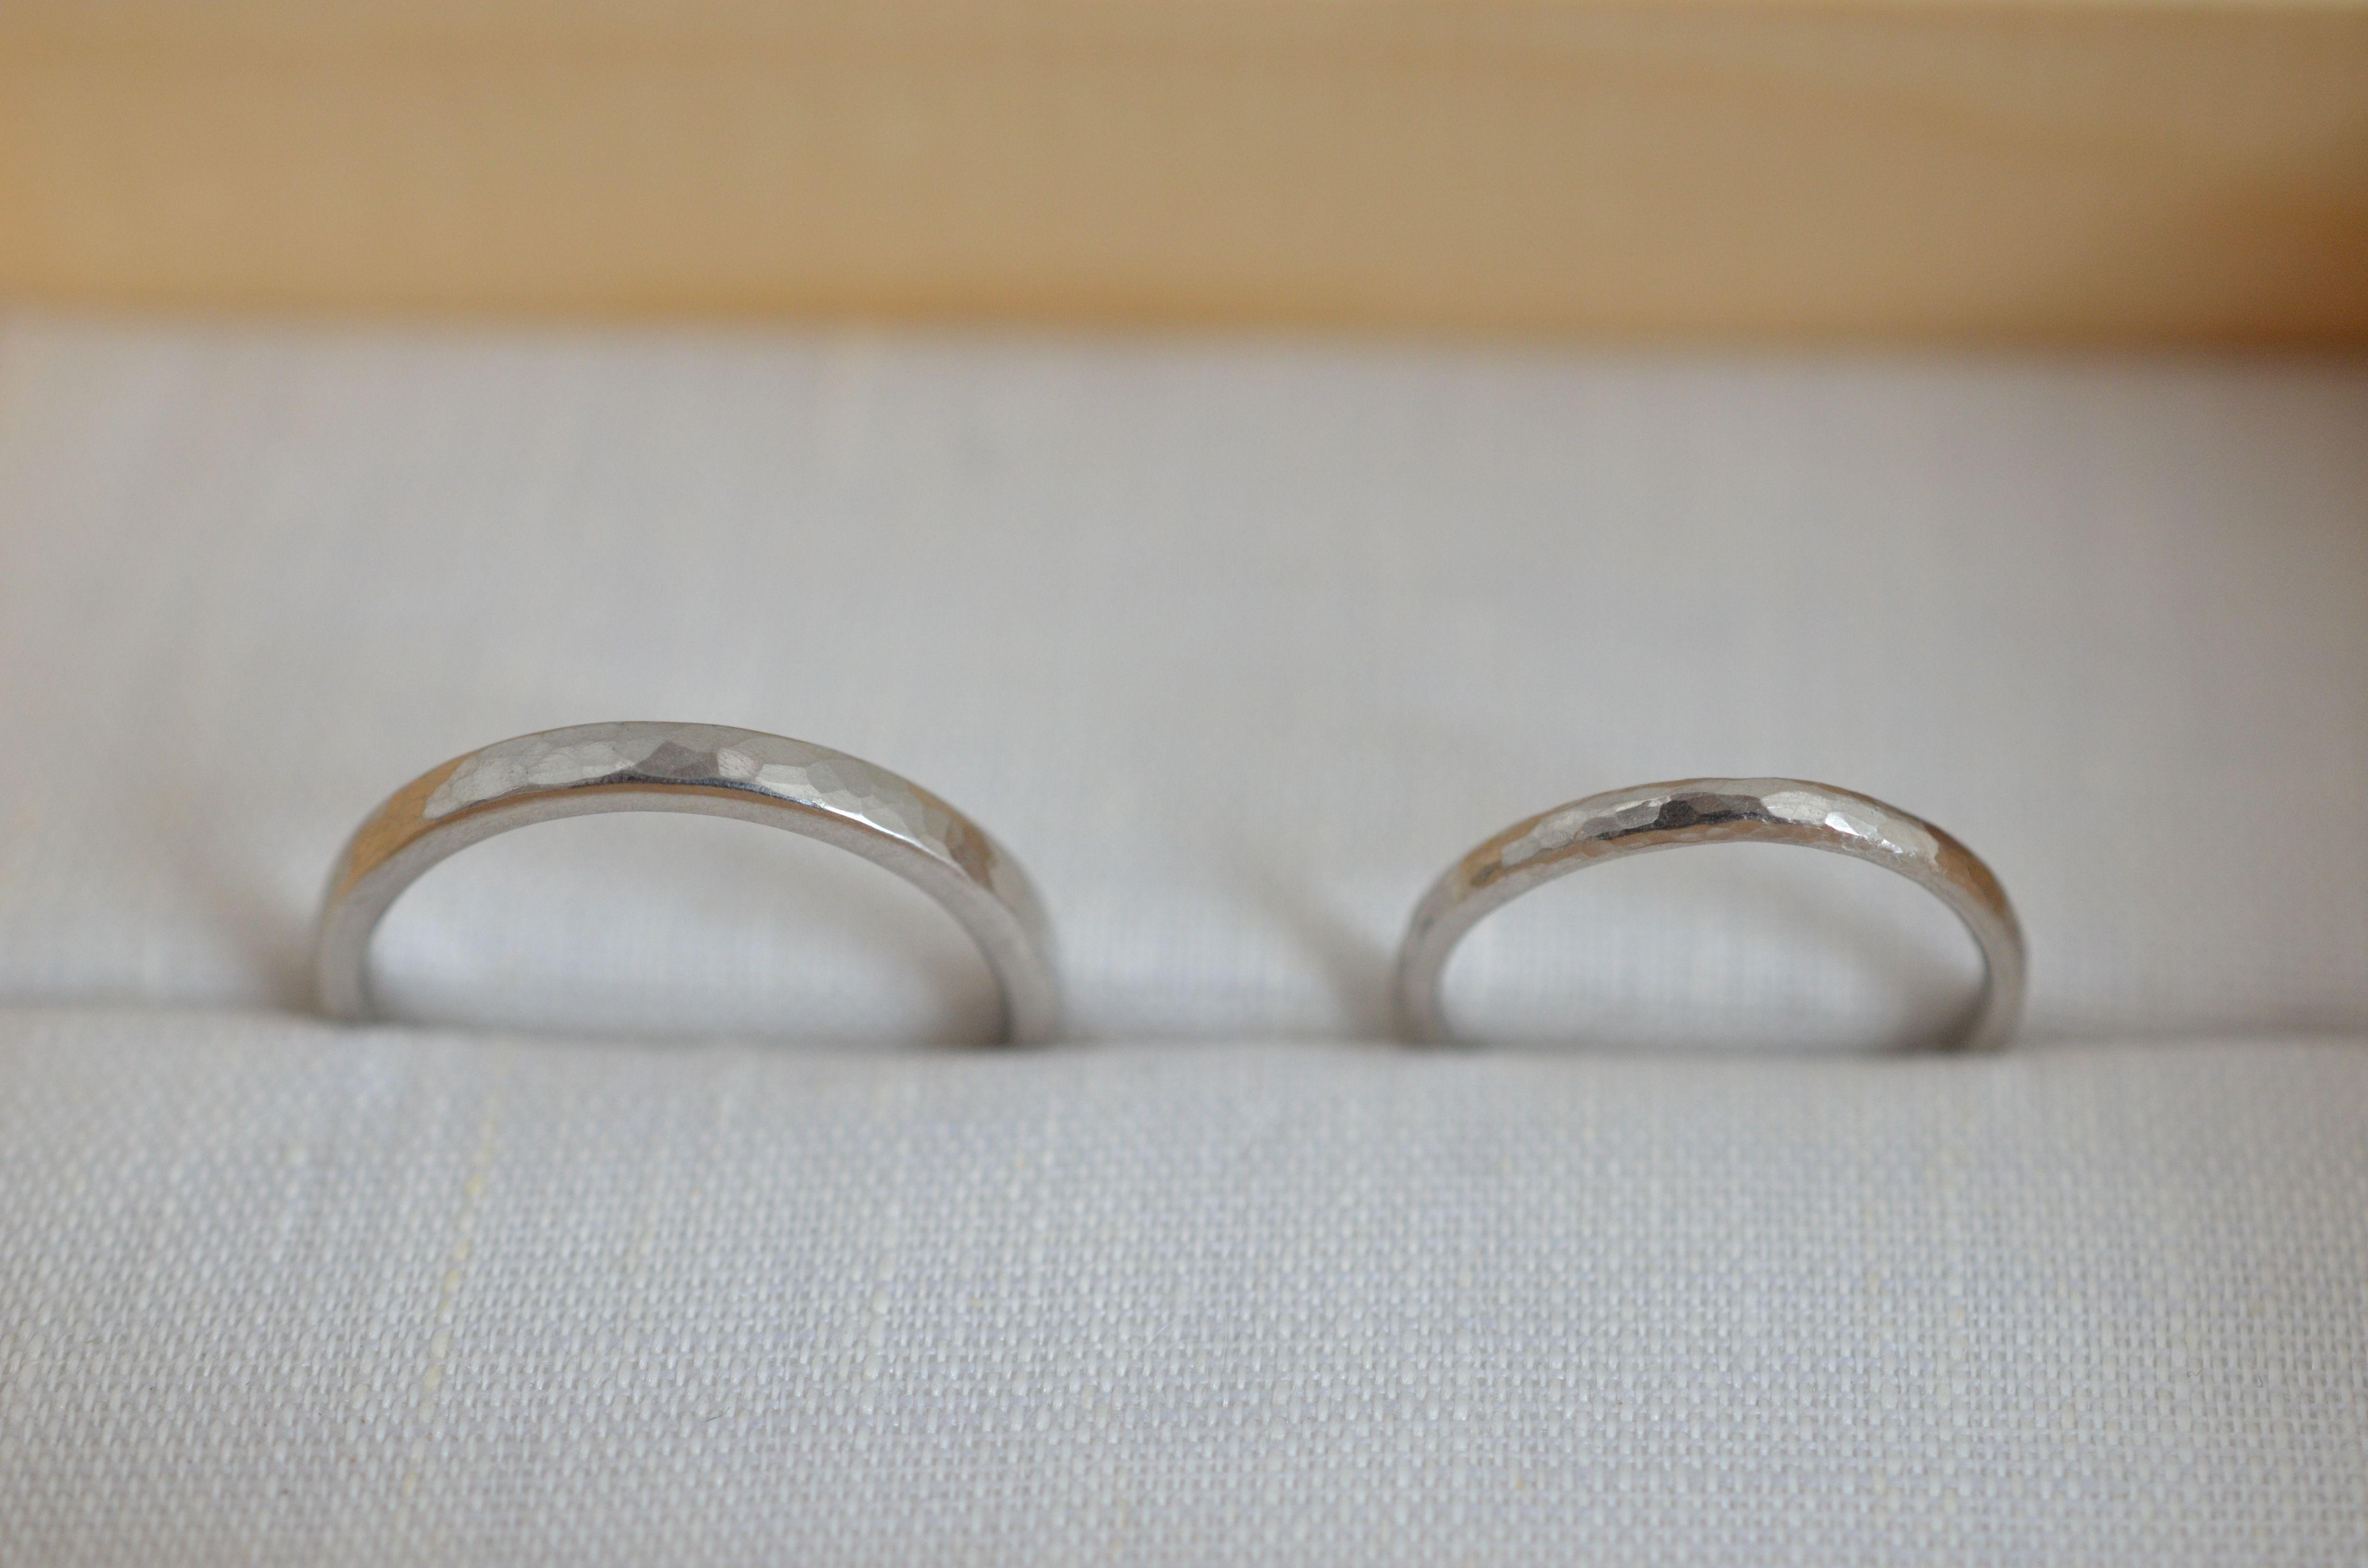 結婚指輪 Pt950 / 平角・甲丸 / 鎚目仕上げ